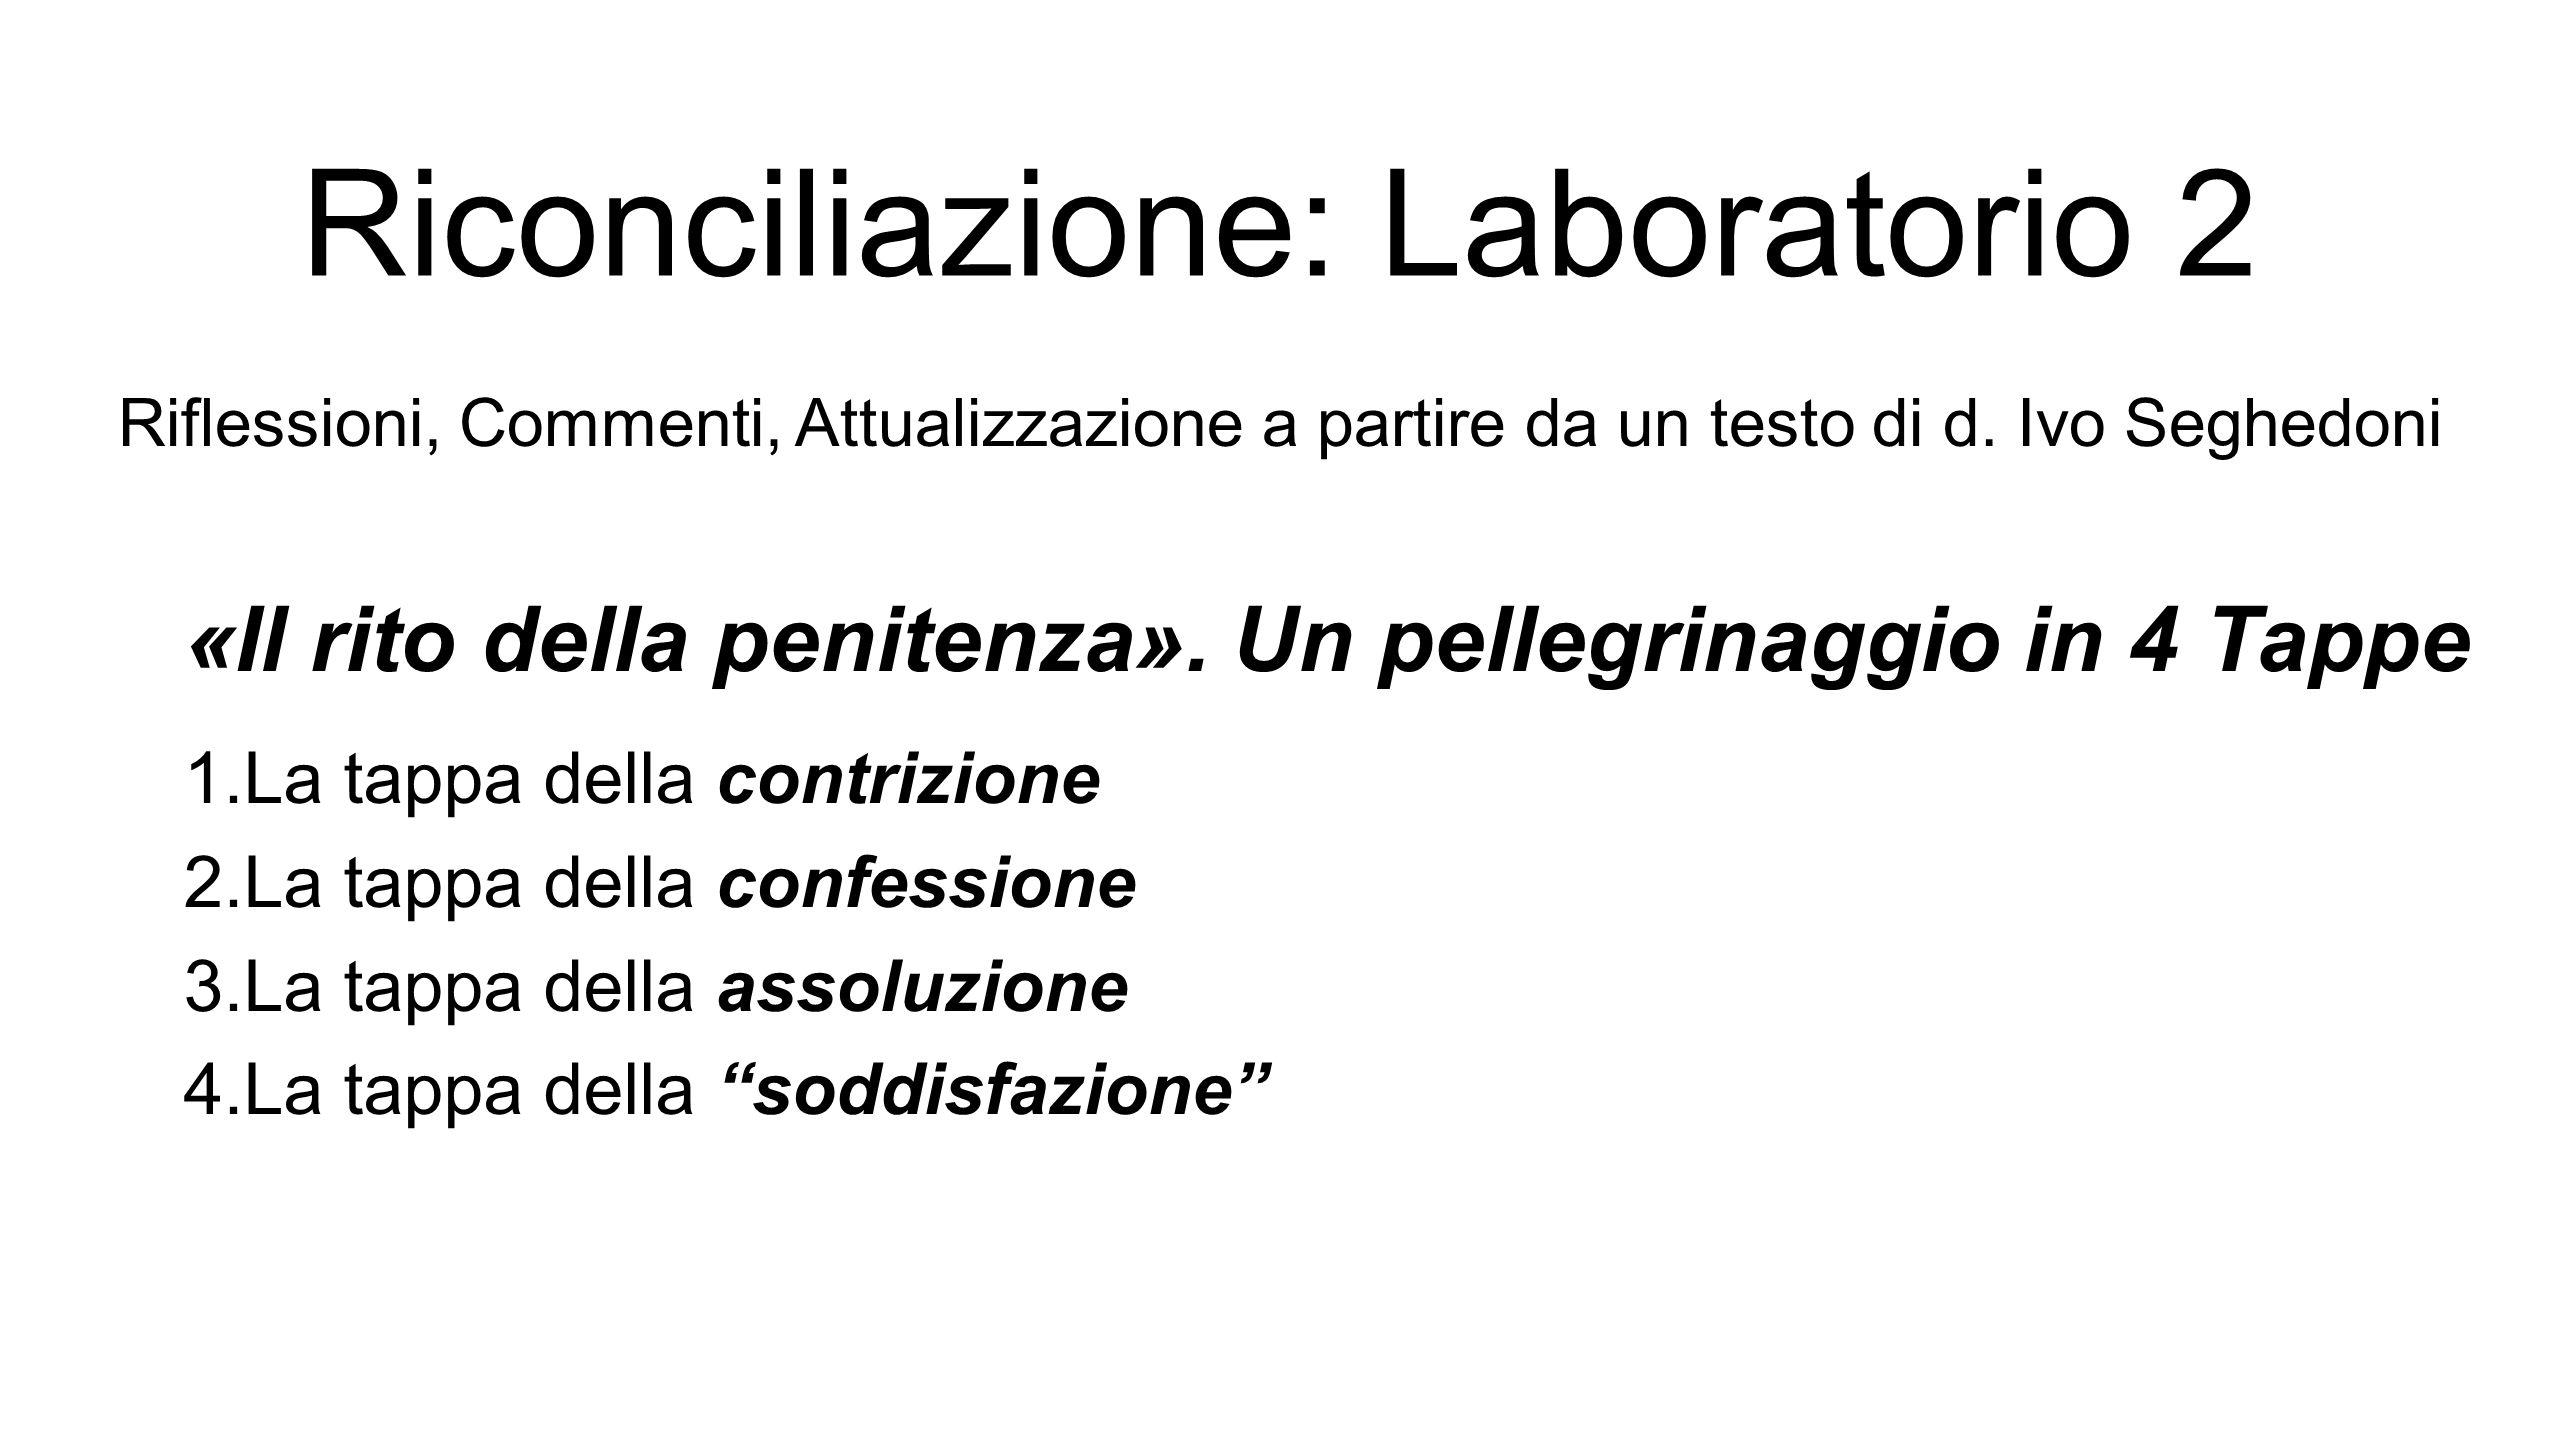 Riconciliazione: Laboratorio 2